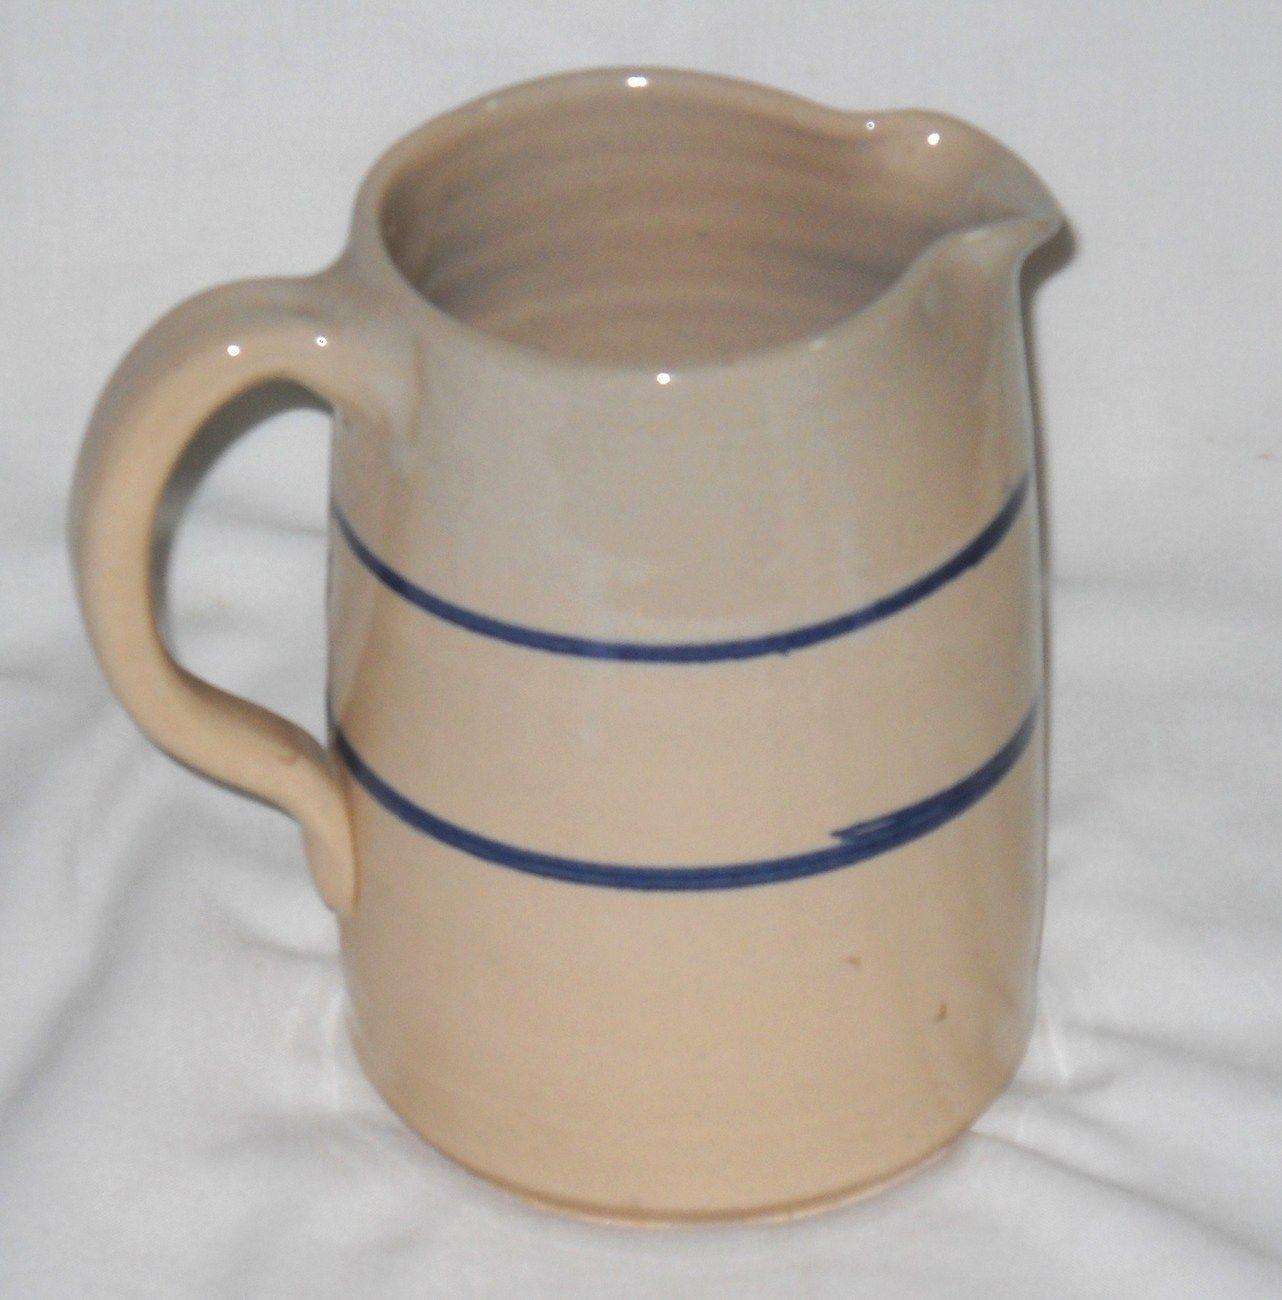 Antique Crock Pitcher Best 2000 Antique Decor Ideas